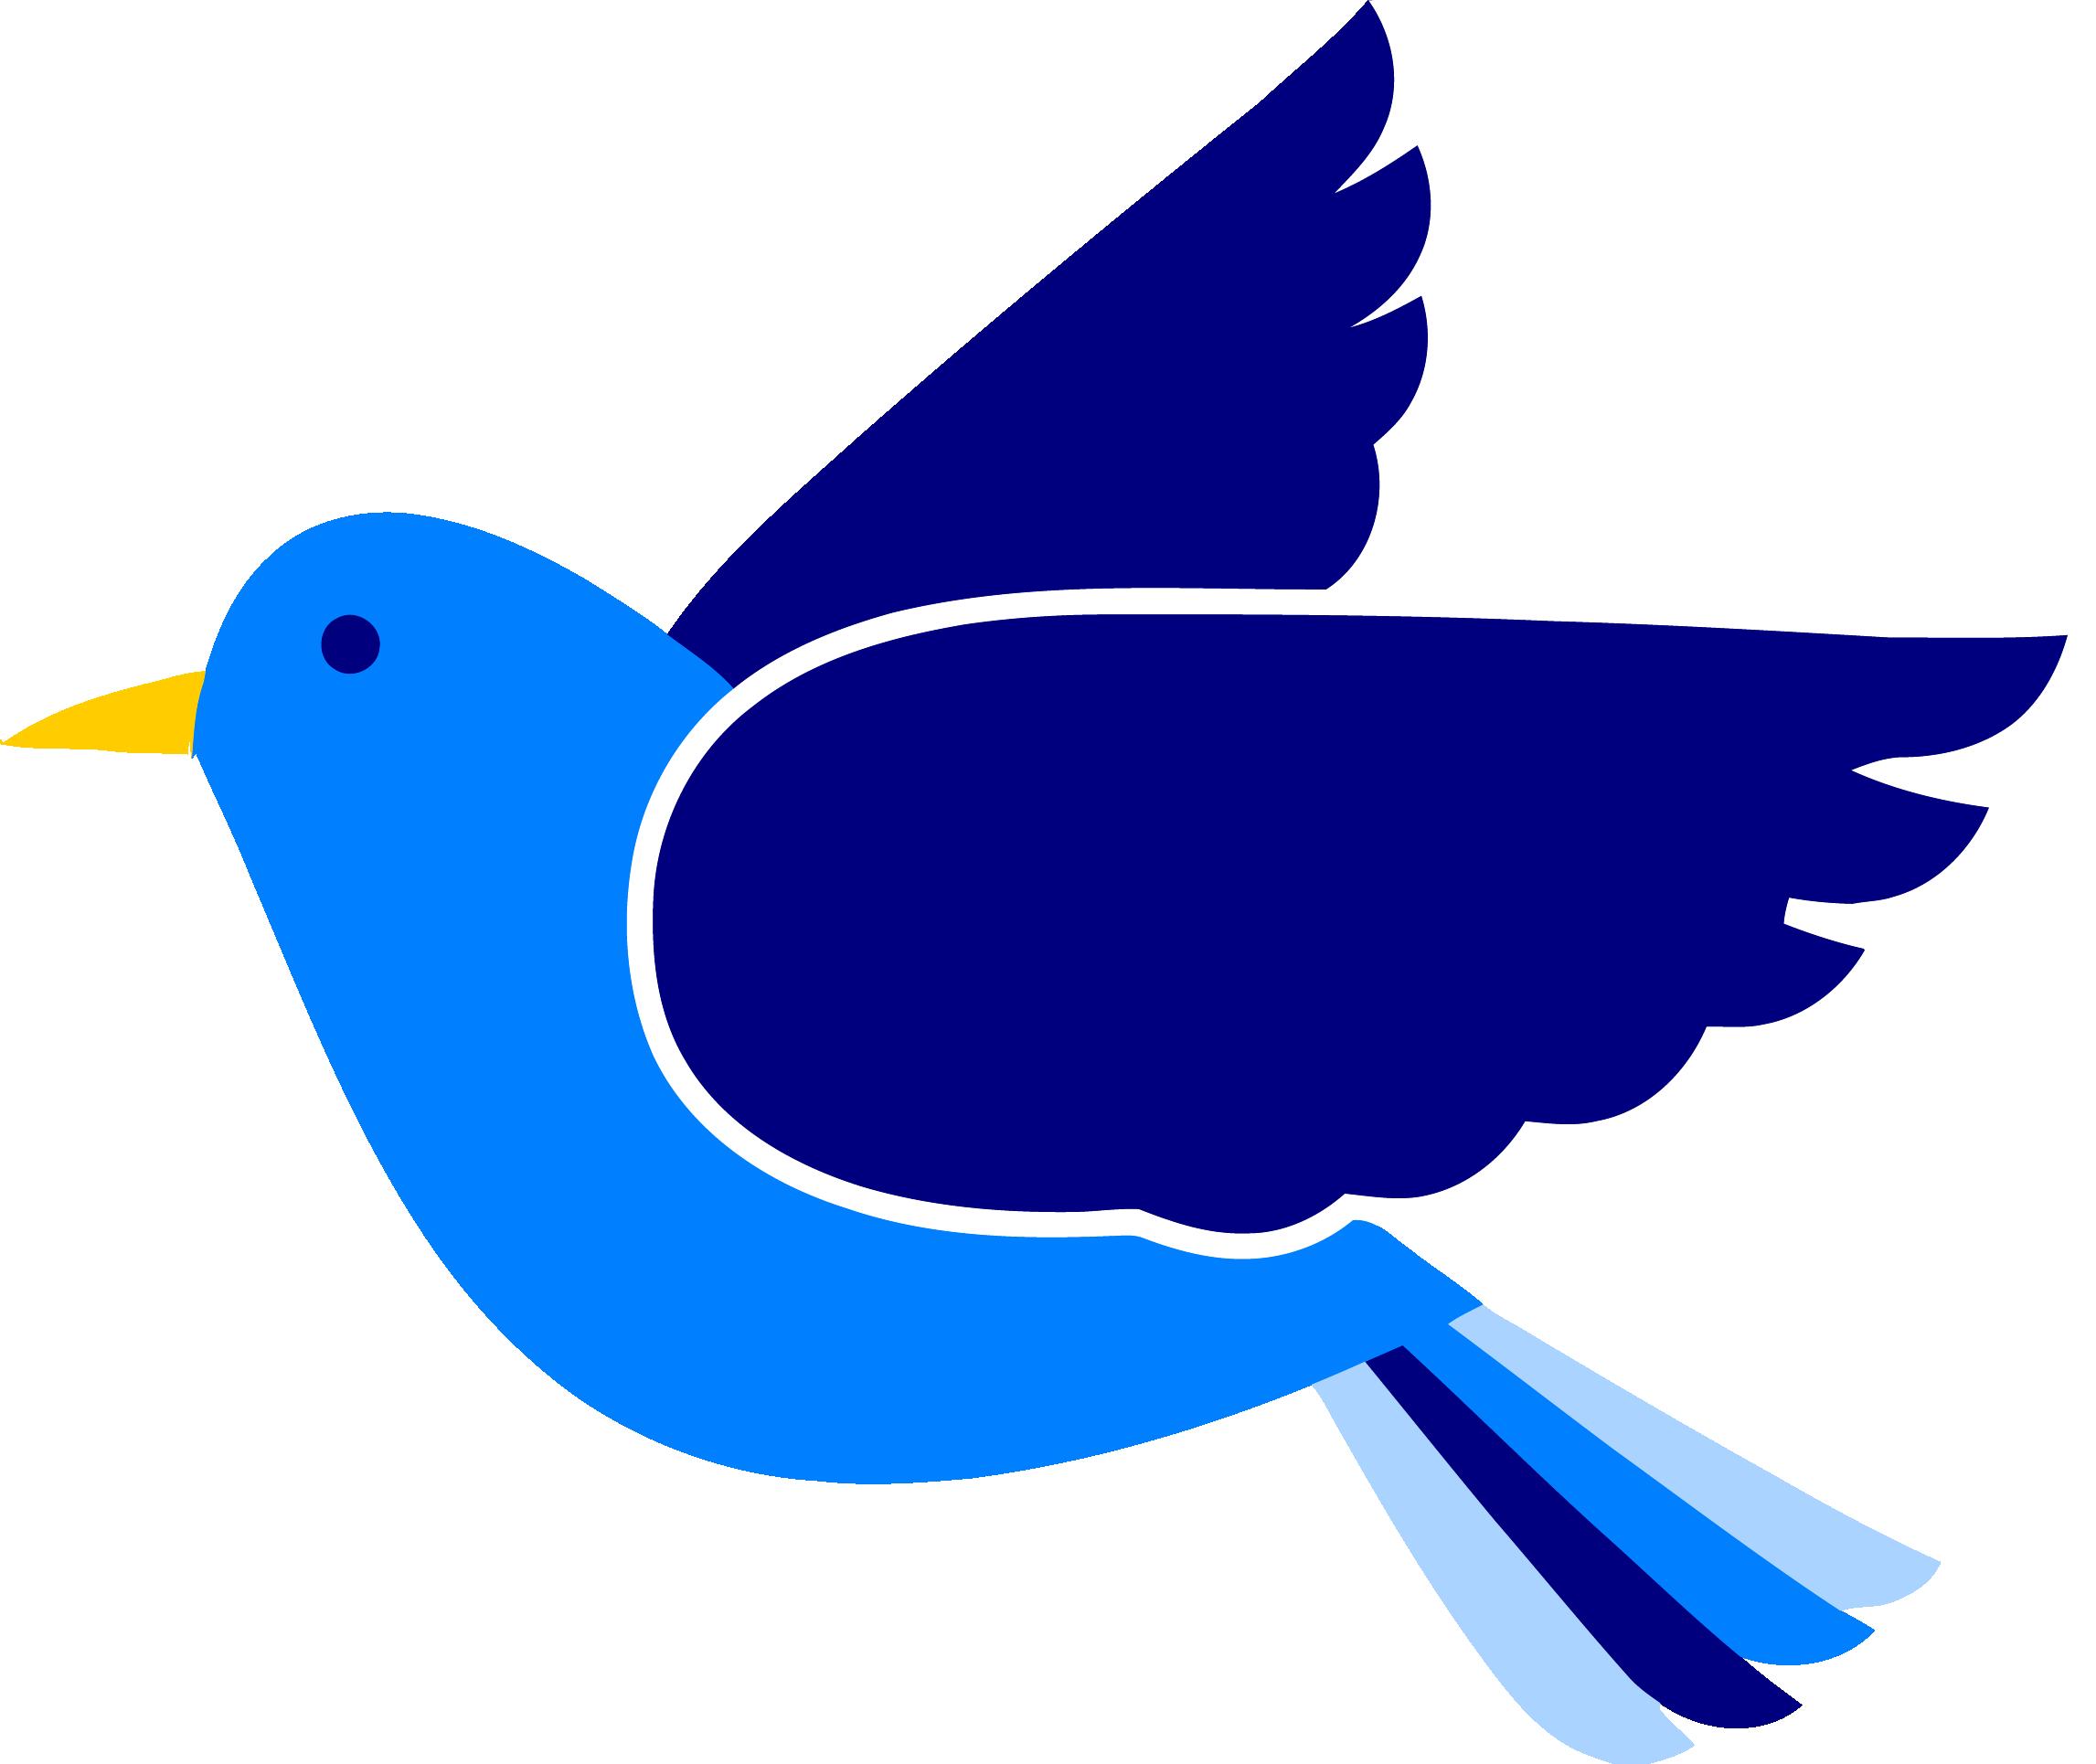 2293x1930 Blue Bird Clipart Png